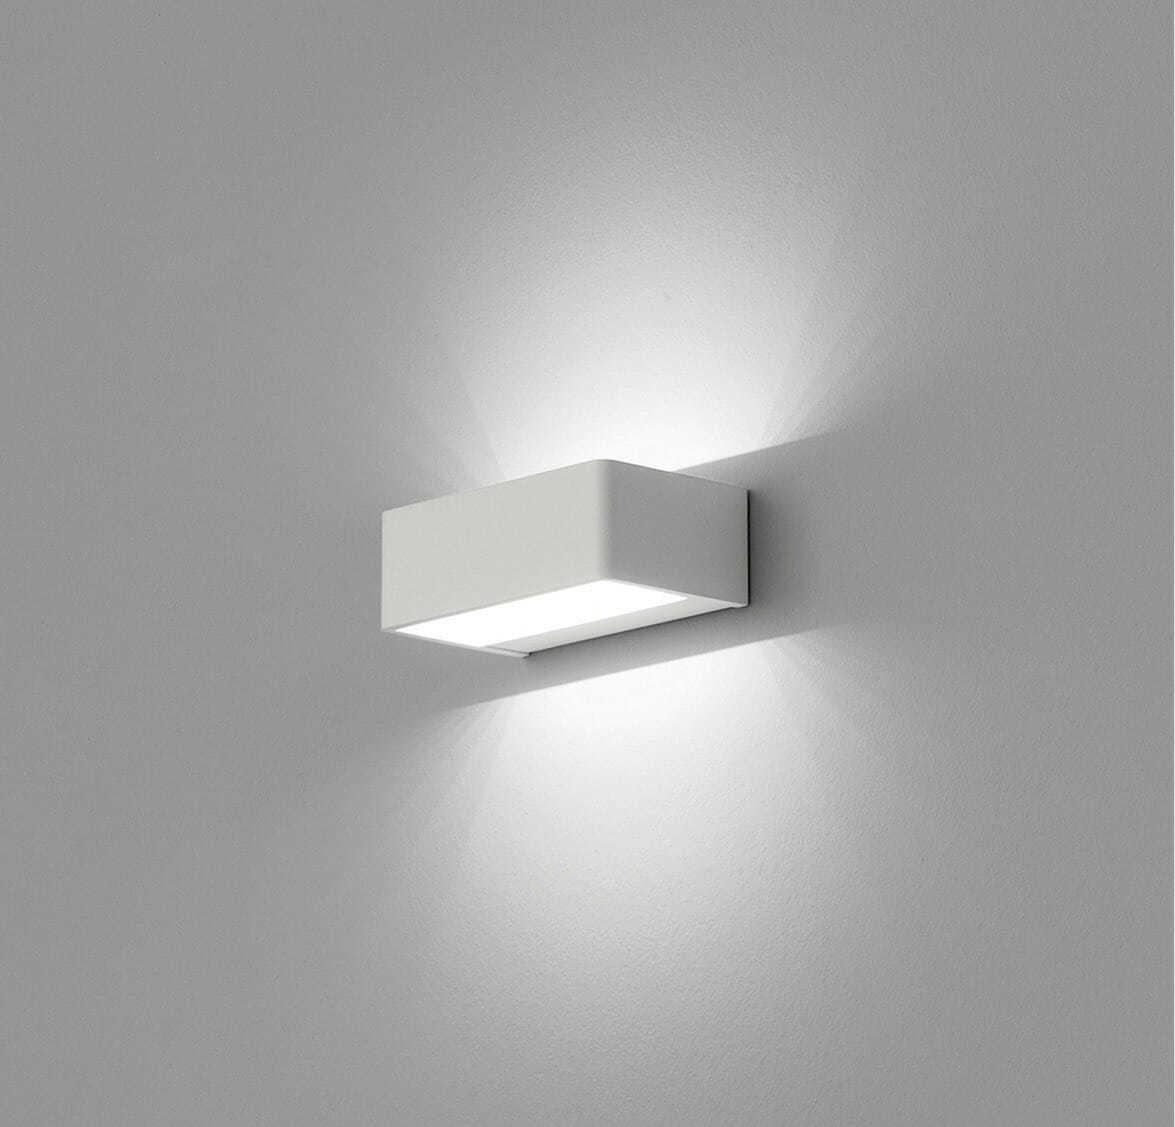 Lampada led parete maya 11 watt 3000k - Lampade design parete ...